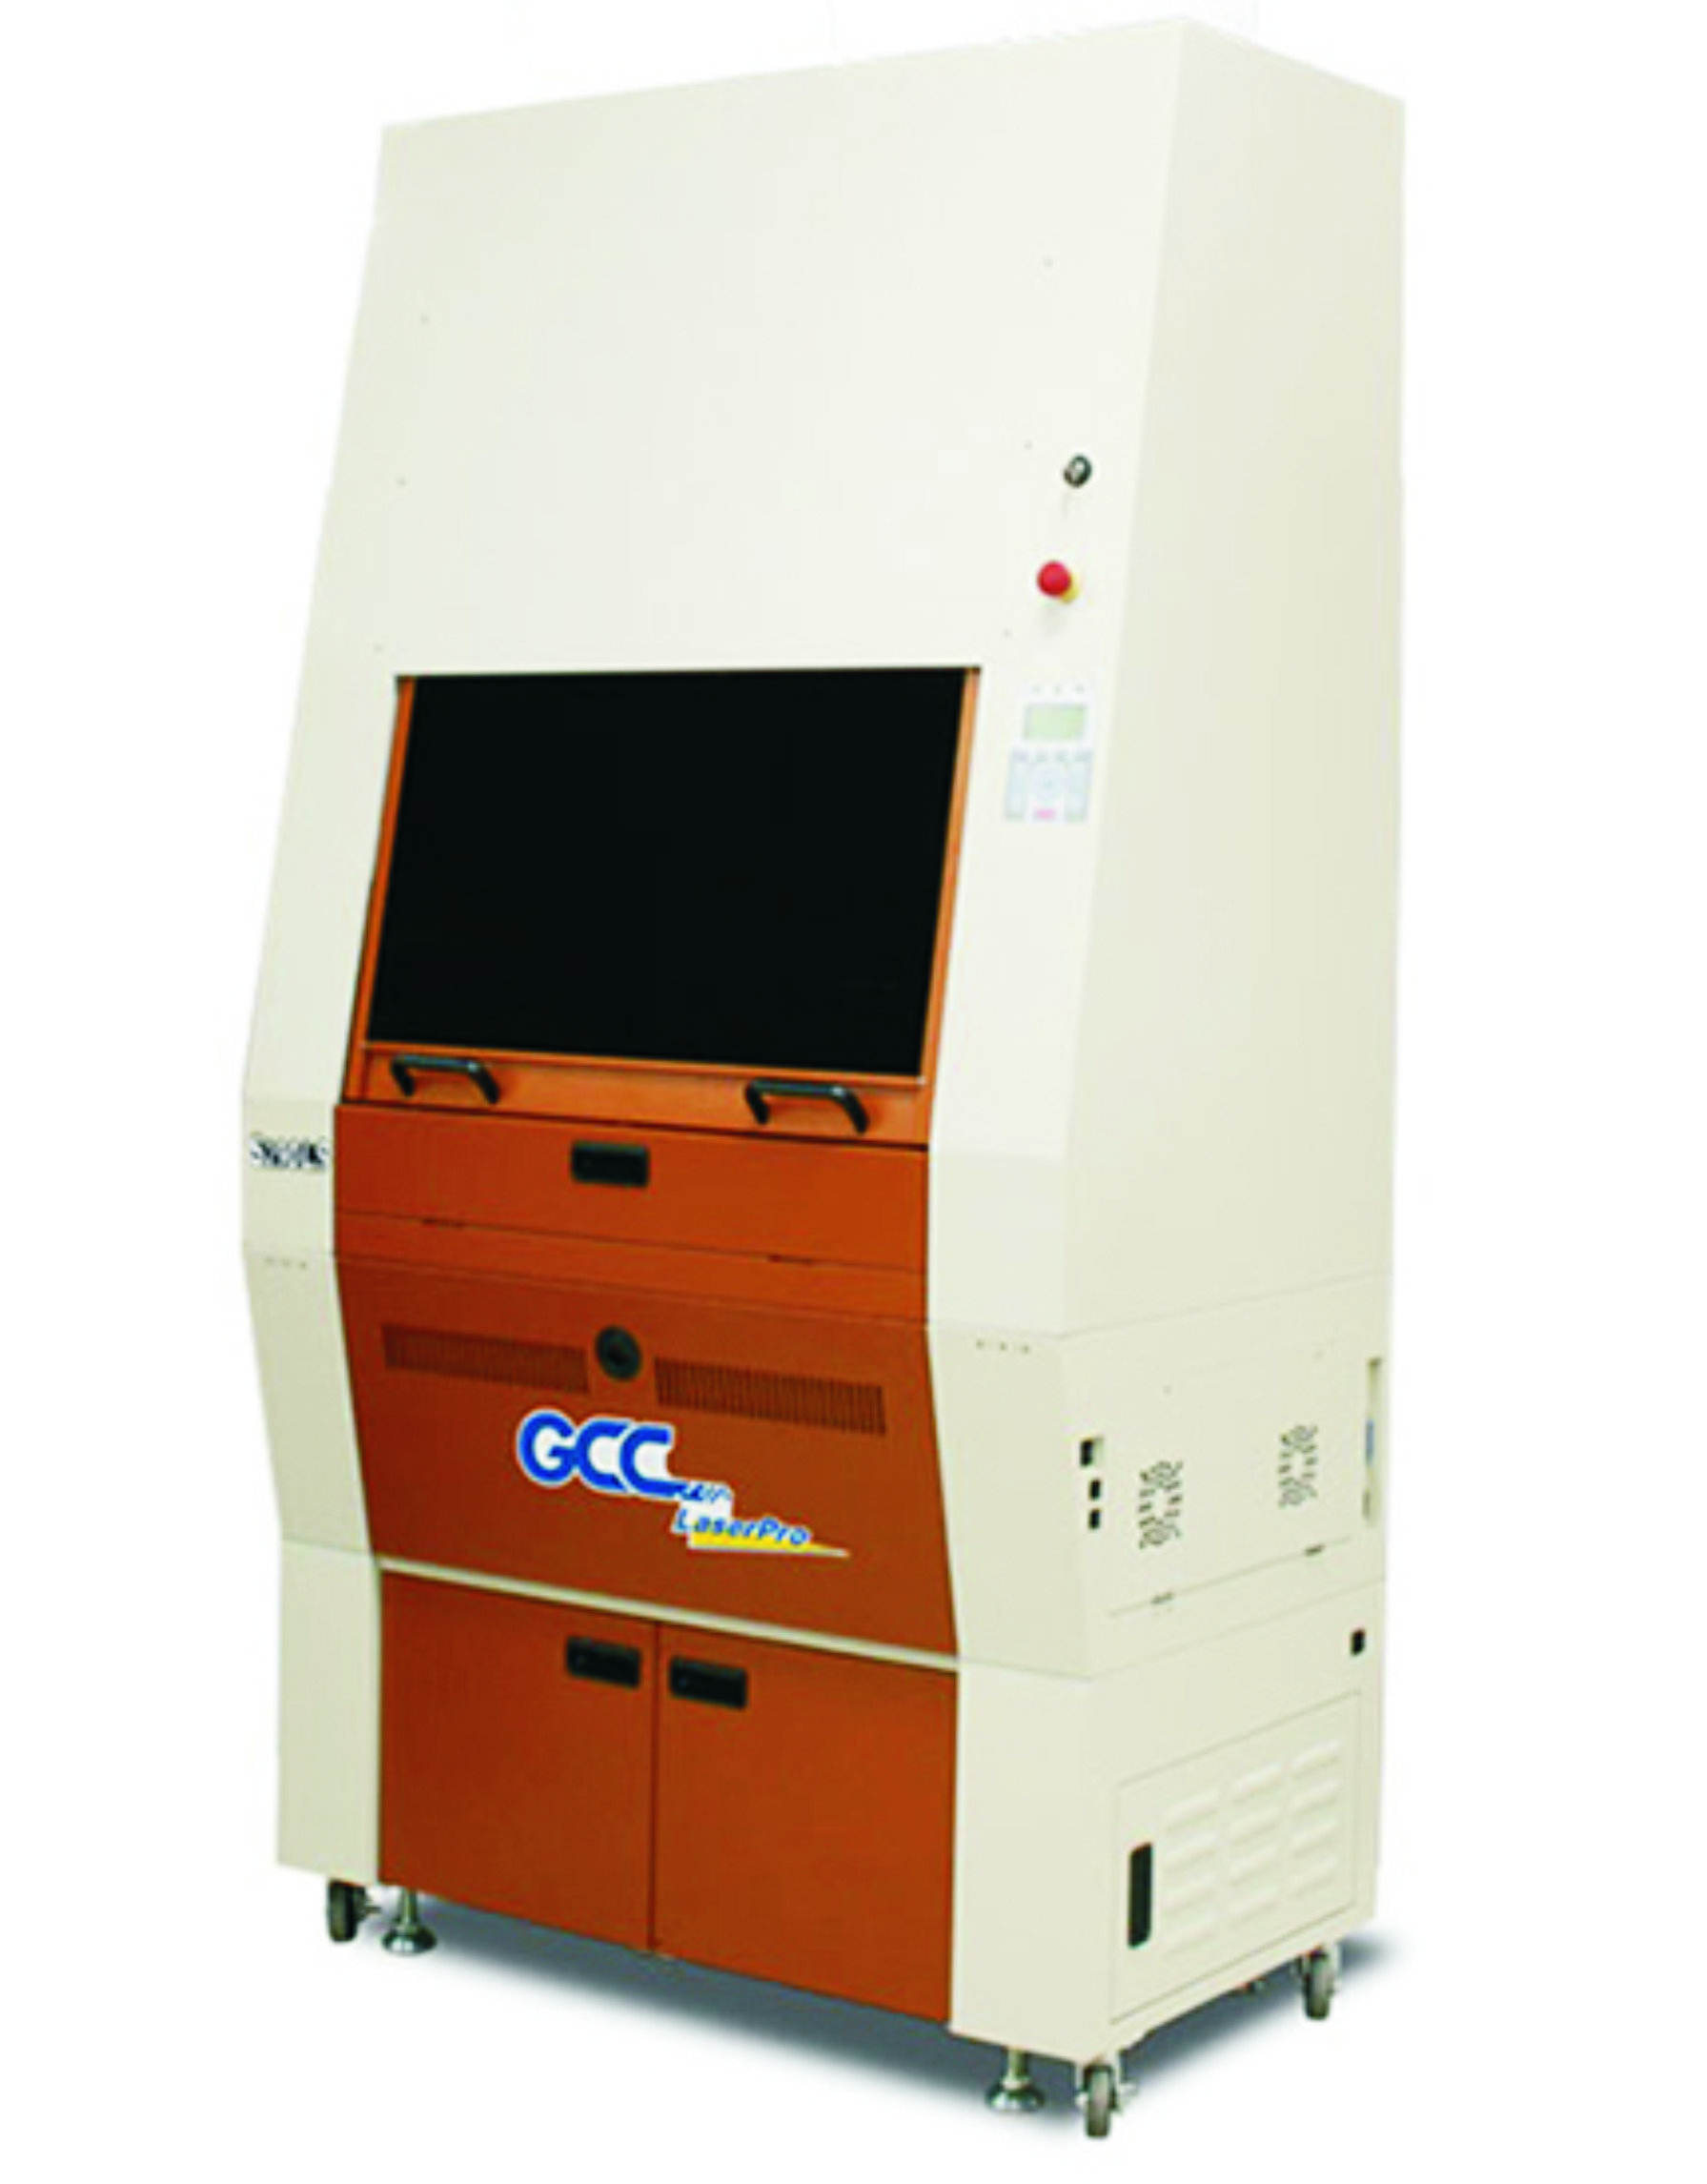 FMC270: Corte e gravação a laser